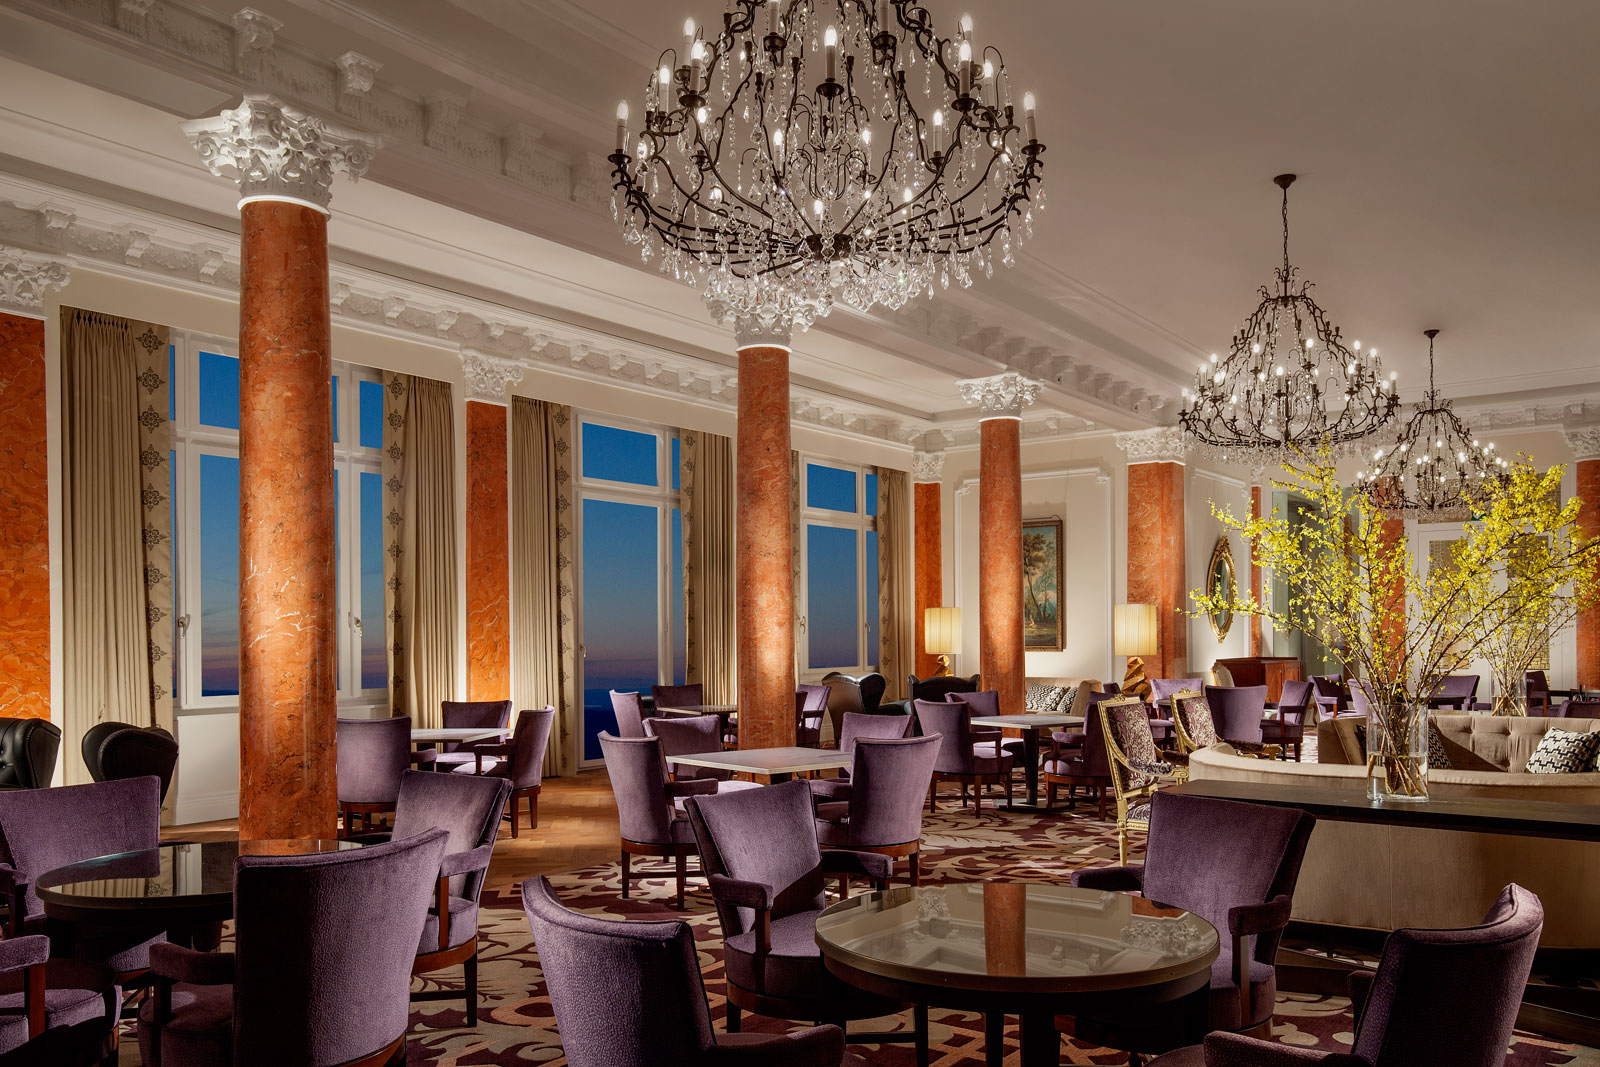 Bürgenstock Hotels & Resort - A Discreet Luxury Mountain Hideaway 9